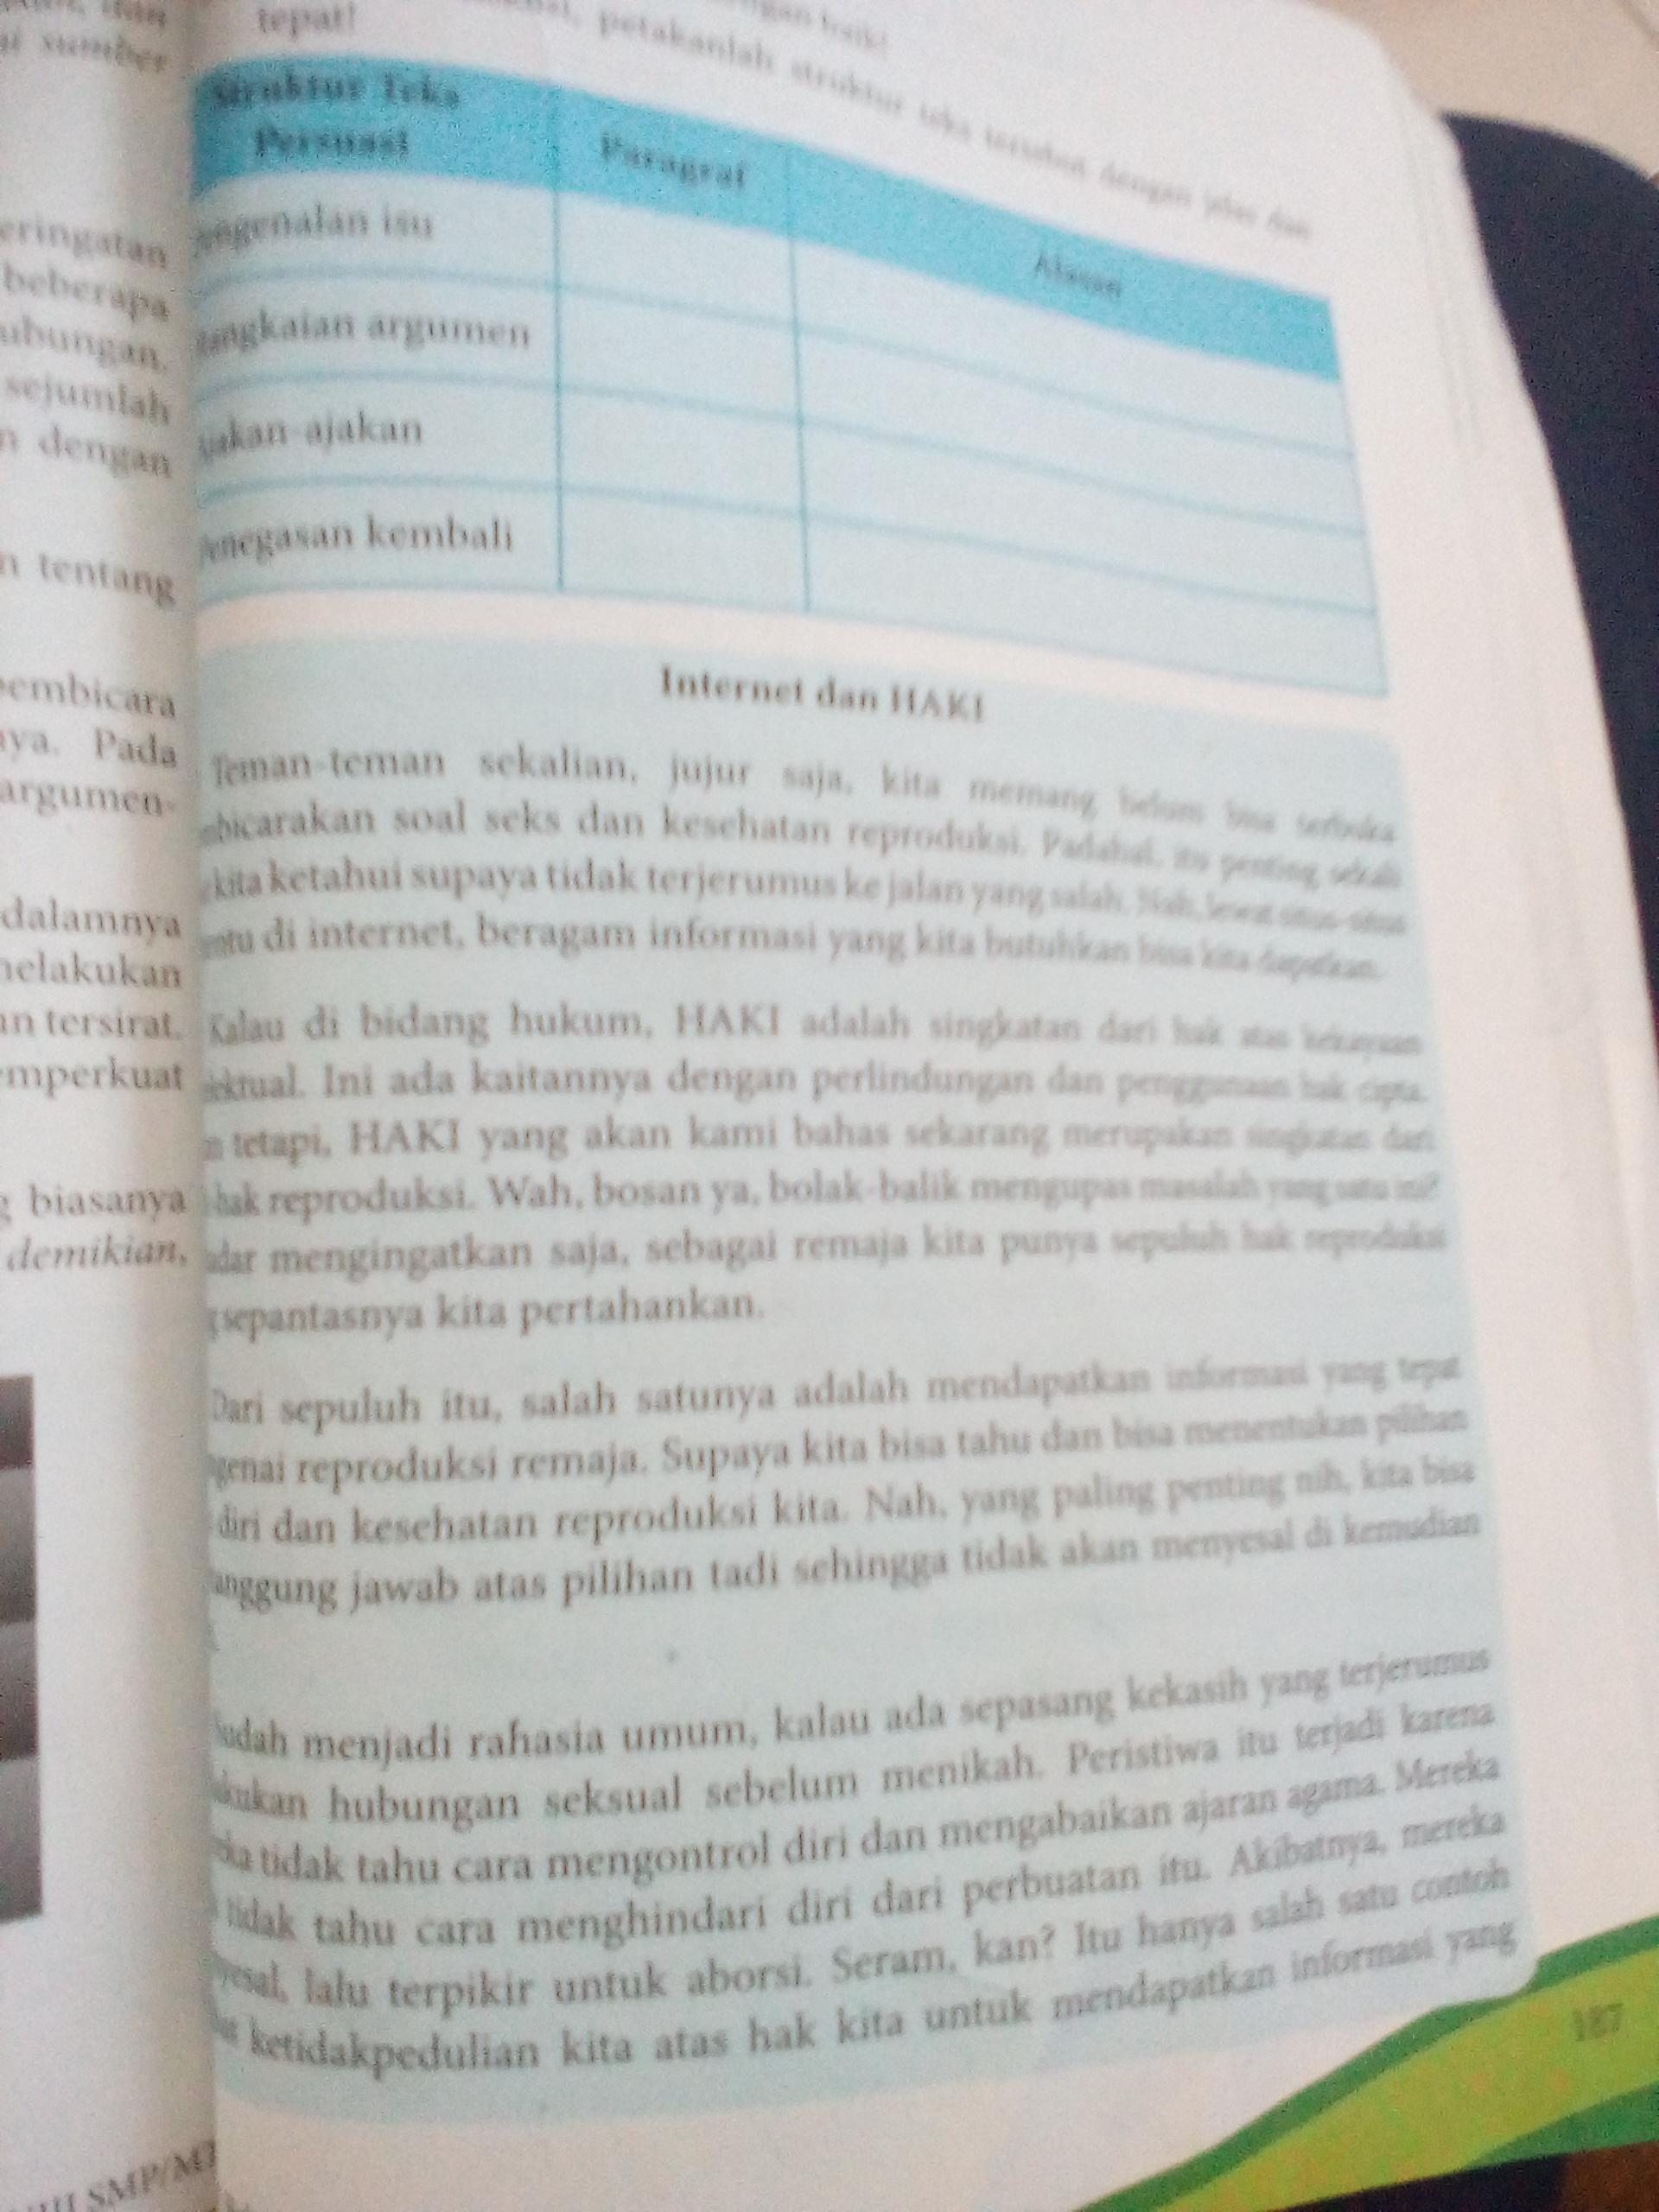 Tugas Halaman 163 Bahasa Indonesia Paket K 13 Revisi